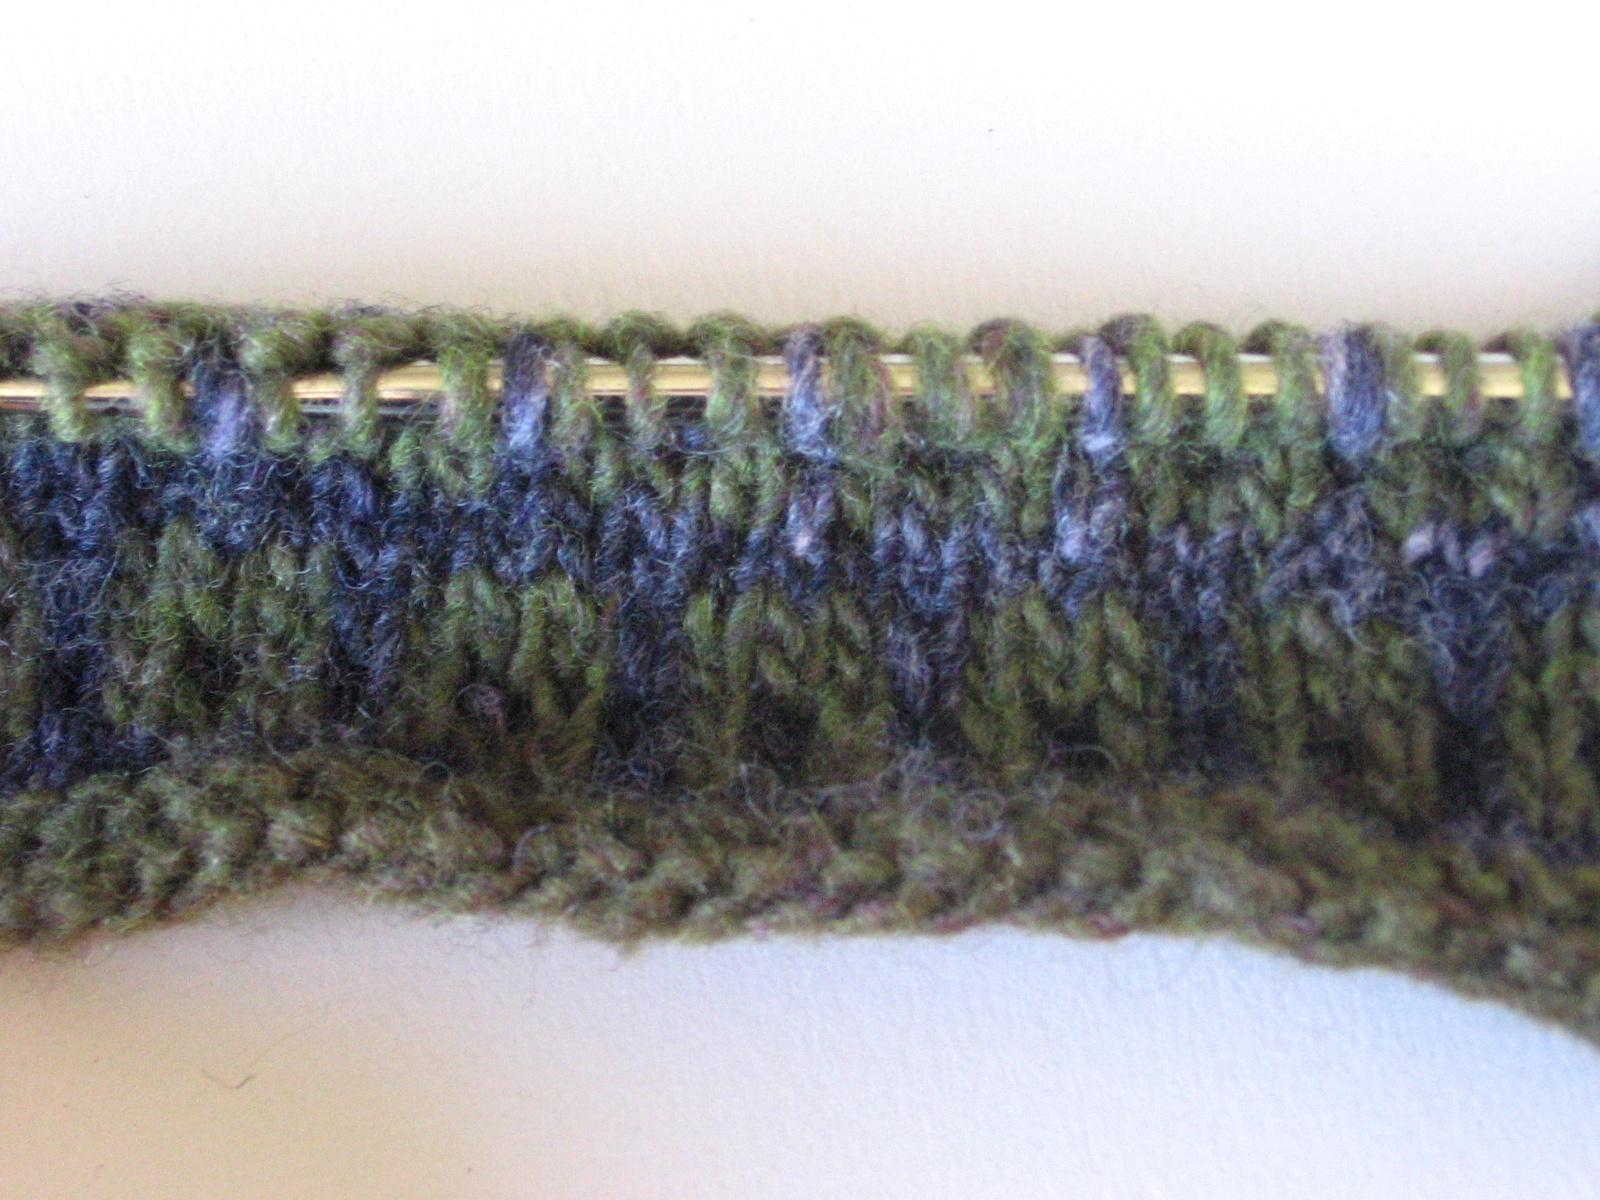 Mosaic Knitting Stitches Patterns : butterfly mosaic slip stitch knitting pattern MEMES